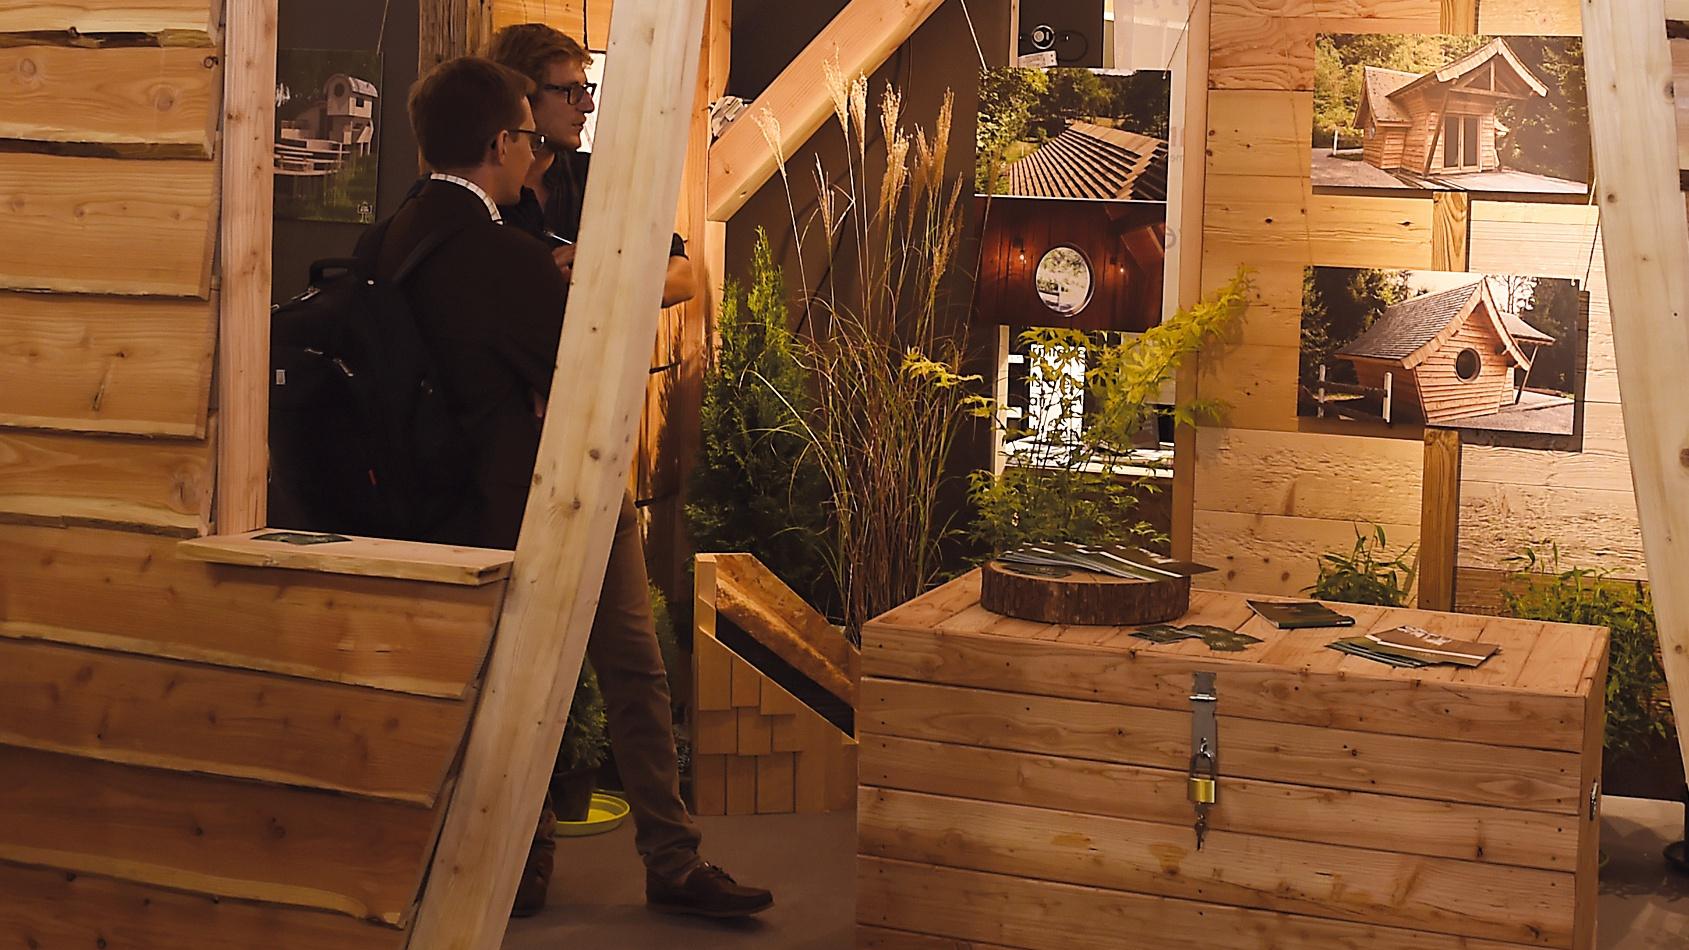 Salon habitat et bois d pinal la modernit touche du bois for Salon habitat nancy